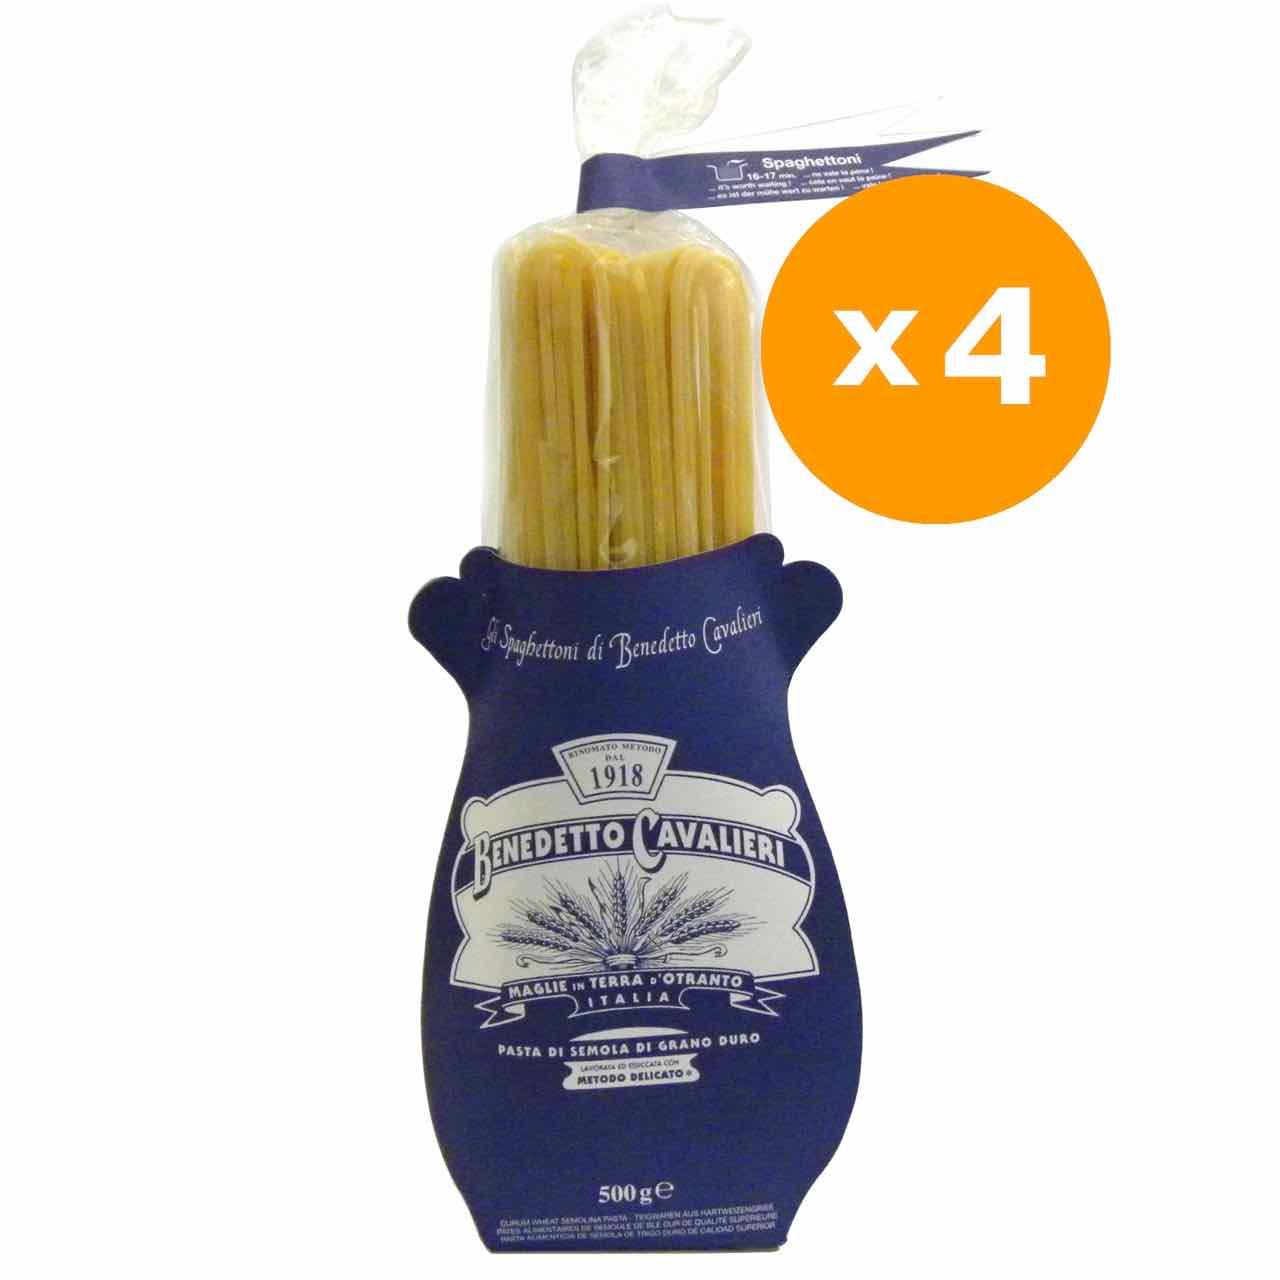 spaghettoni benedetto cavalieri 4 confezioni – Gustorotondo online shop – i migliori cibi online – vendita online dei migliori cibi italiani artigianali